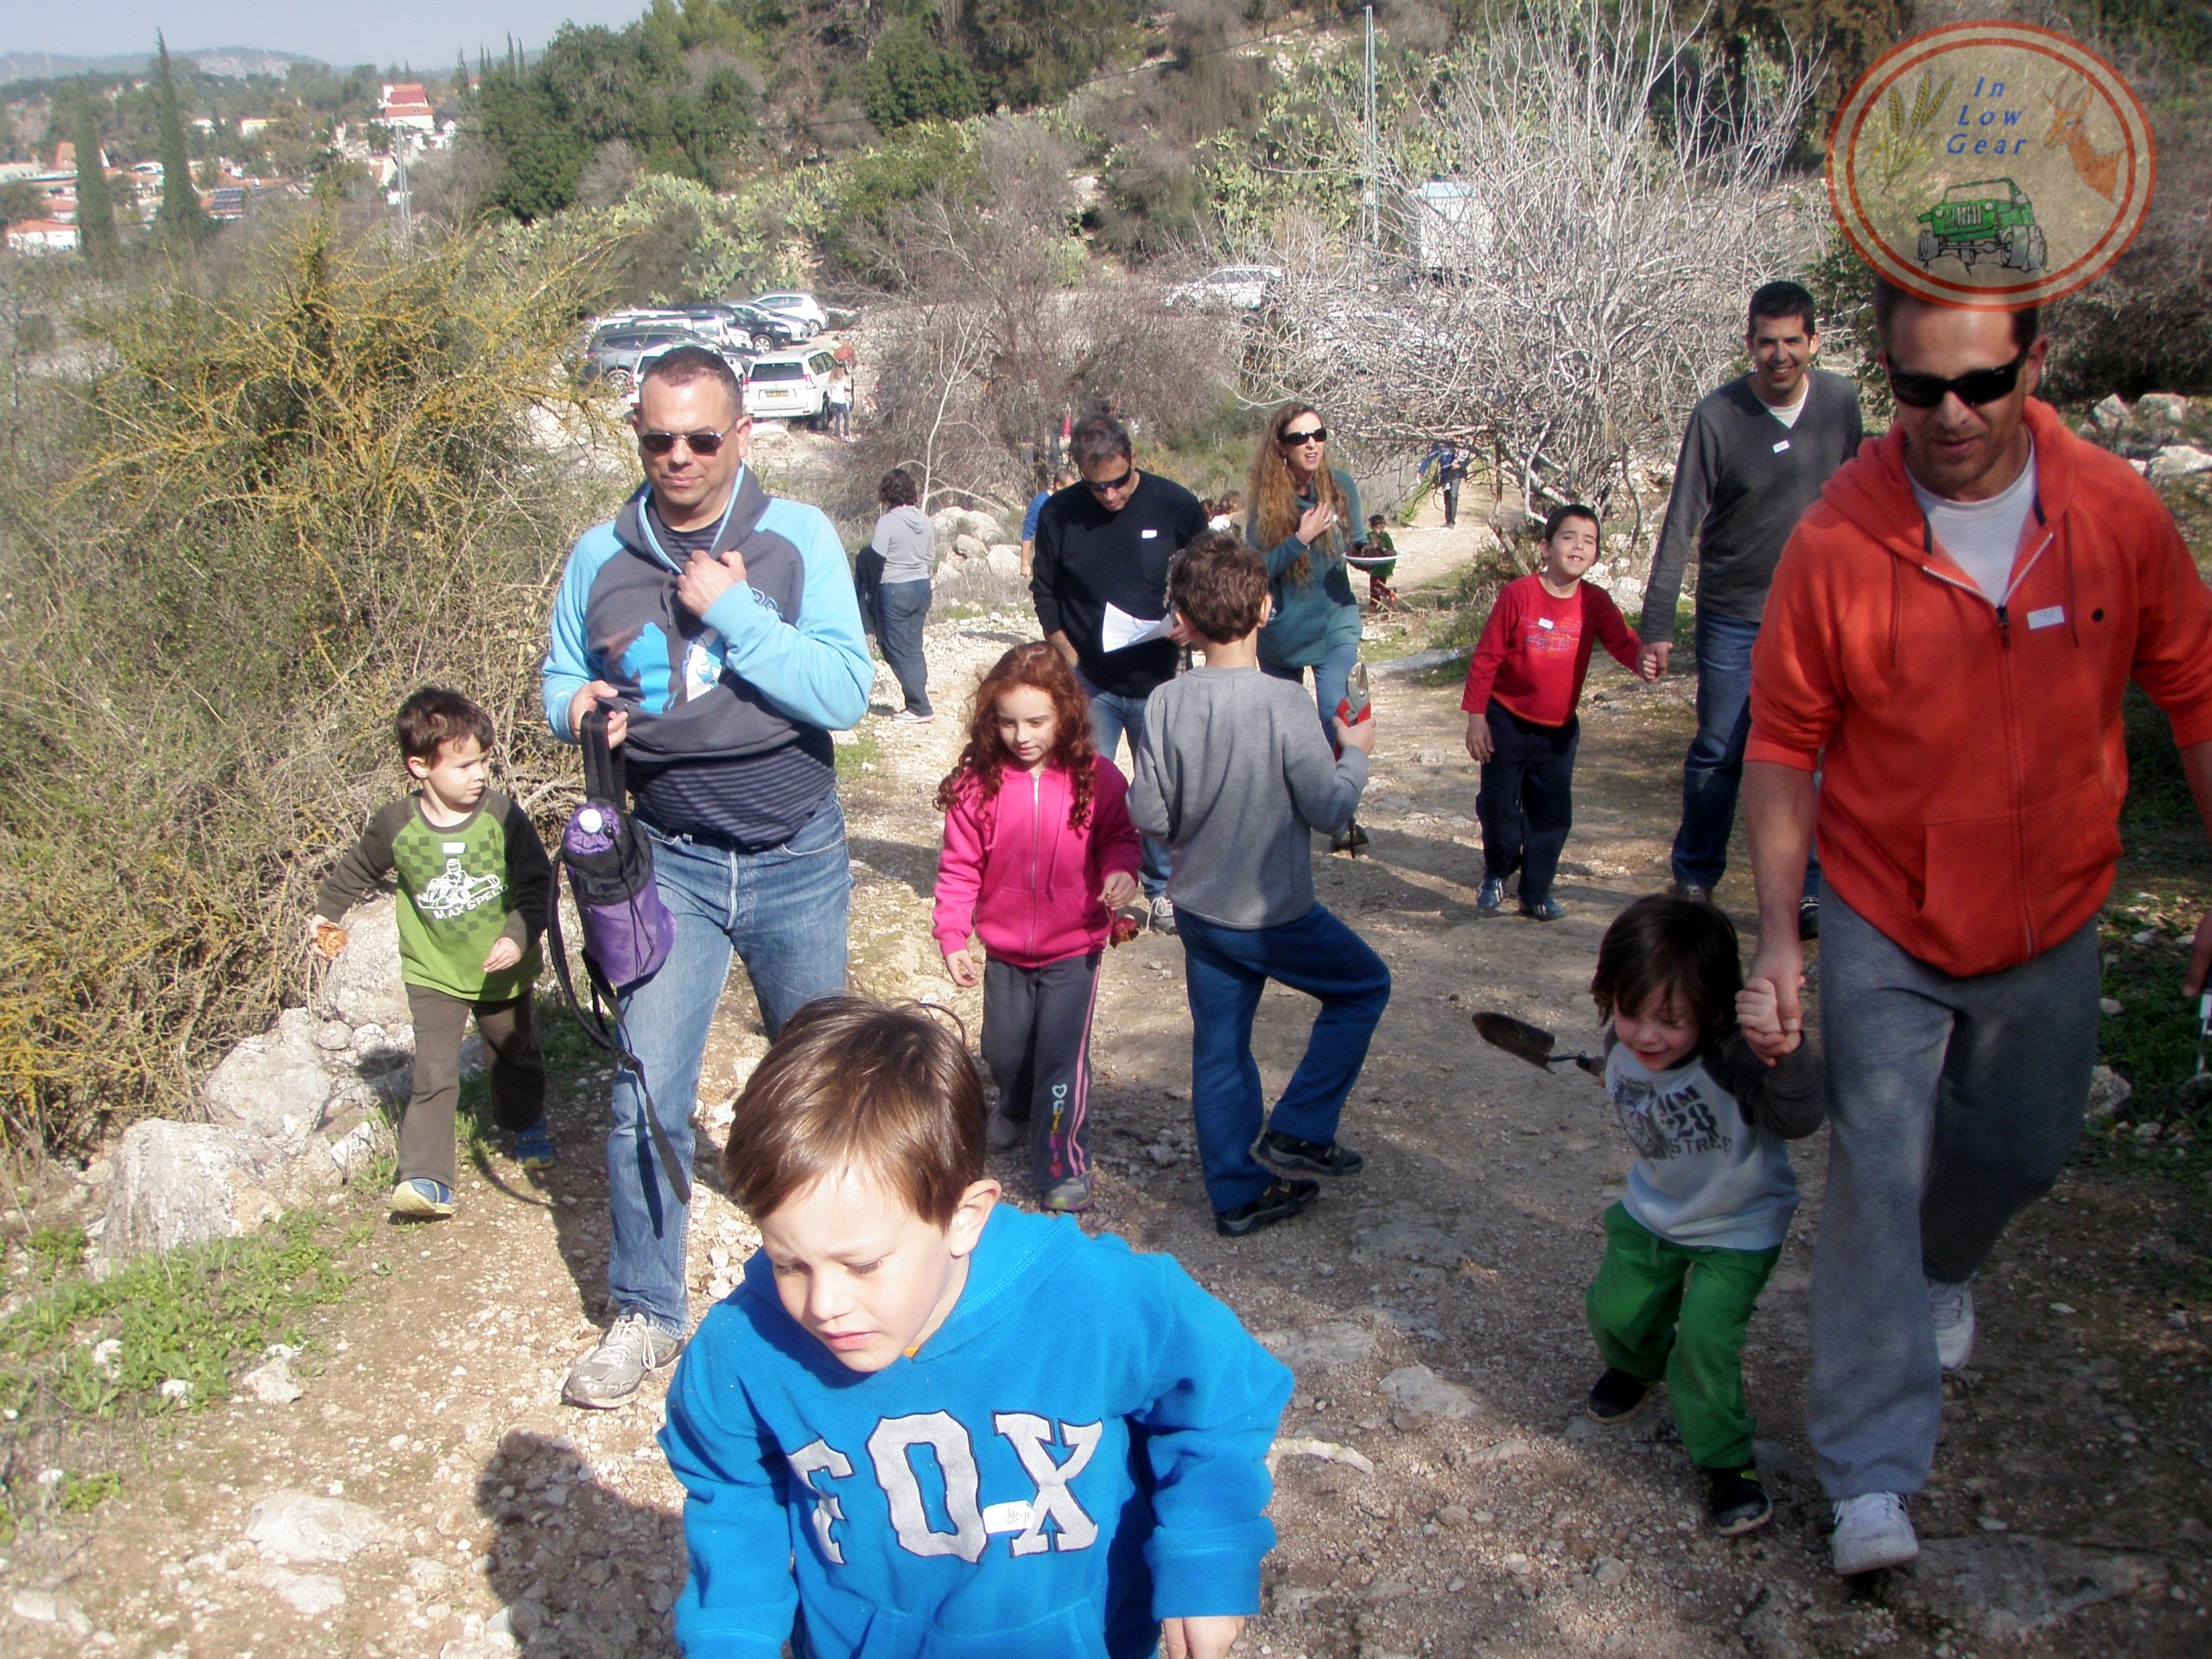 פרמקלצ'ר לילדים: לומדים ומכינים ייחורי תאנה וגפן